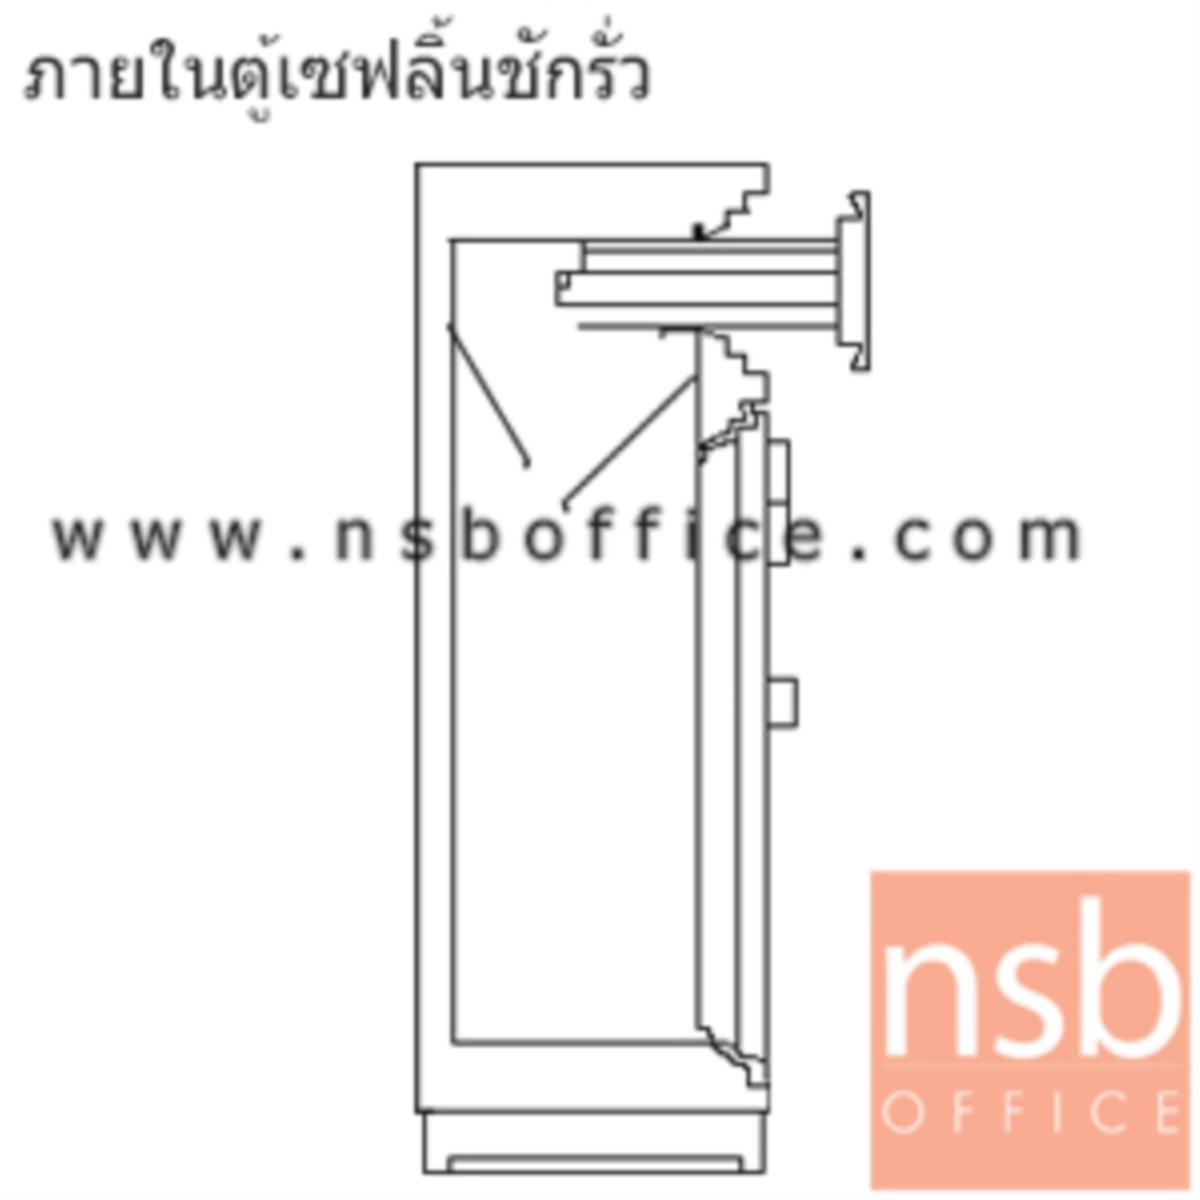 ตู้เซฟแคชเชียร์ 130 กก. รุ่น PRESIDENT-ND100  มี 1 กุญแจ 1 รหัส พร้อมลิ้นชักแยก (เปลี่ยนรหัสไม่ได้)